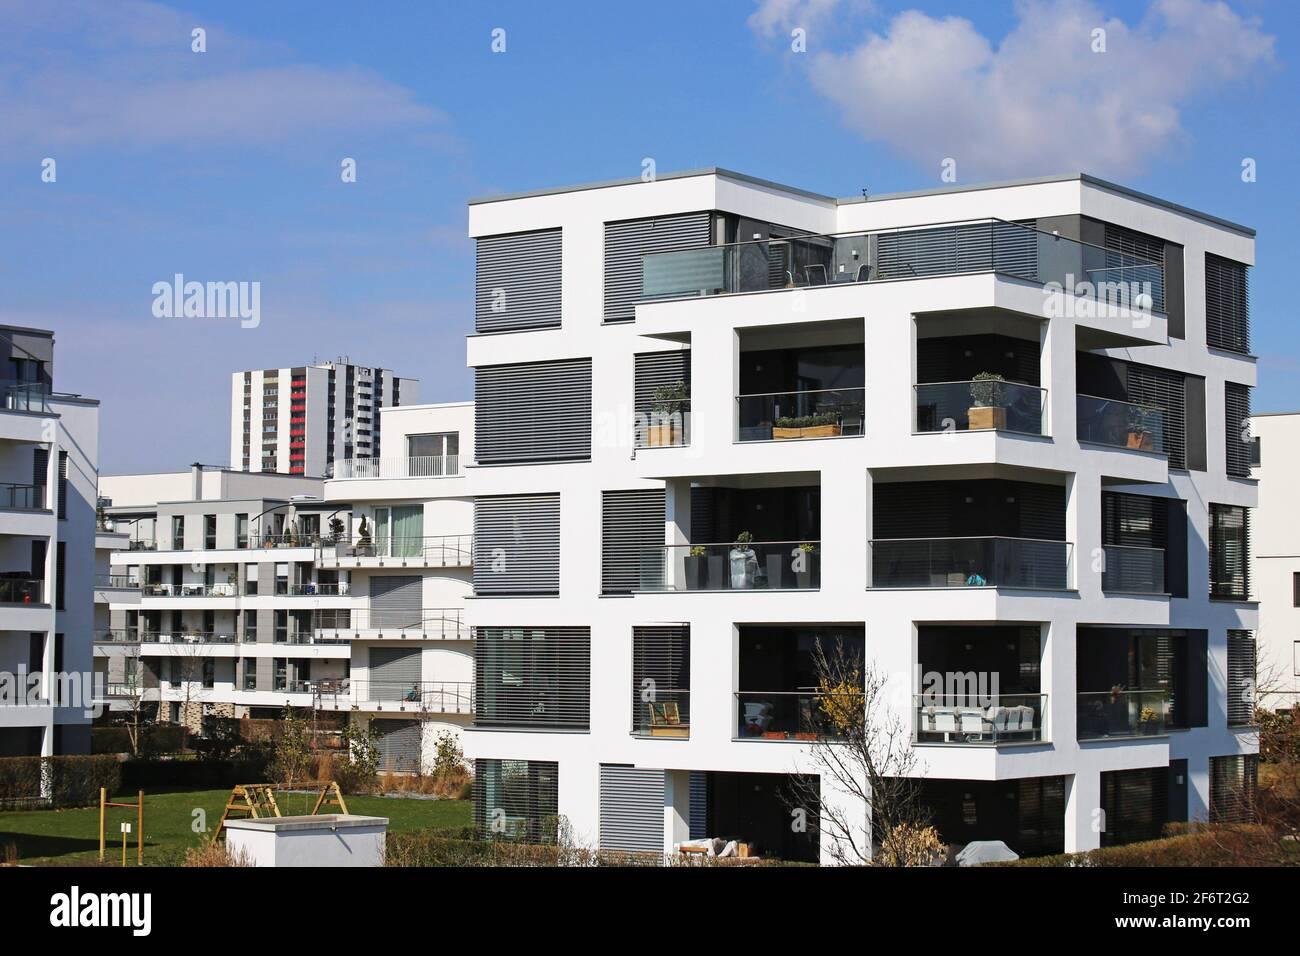 Complexe résidentiel moderne de style urbain. Banque D'Images